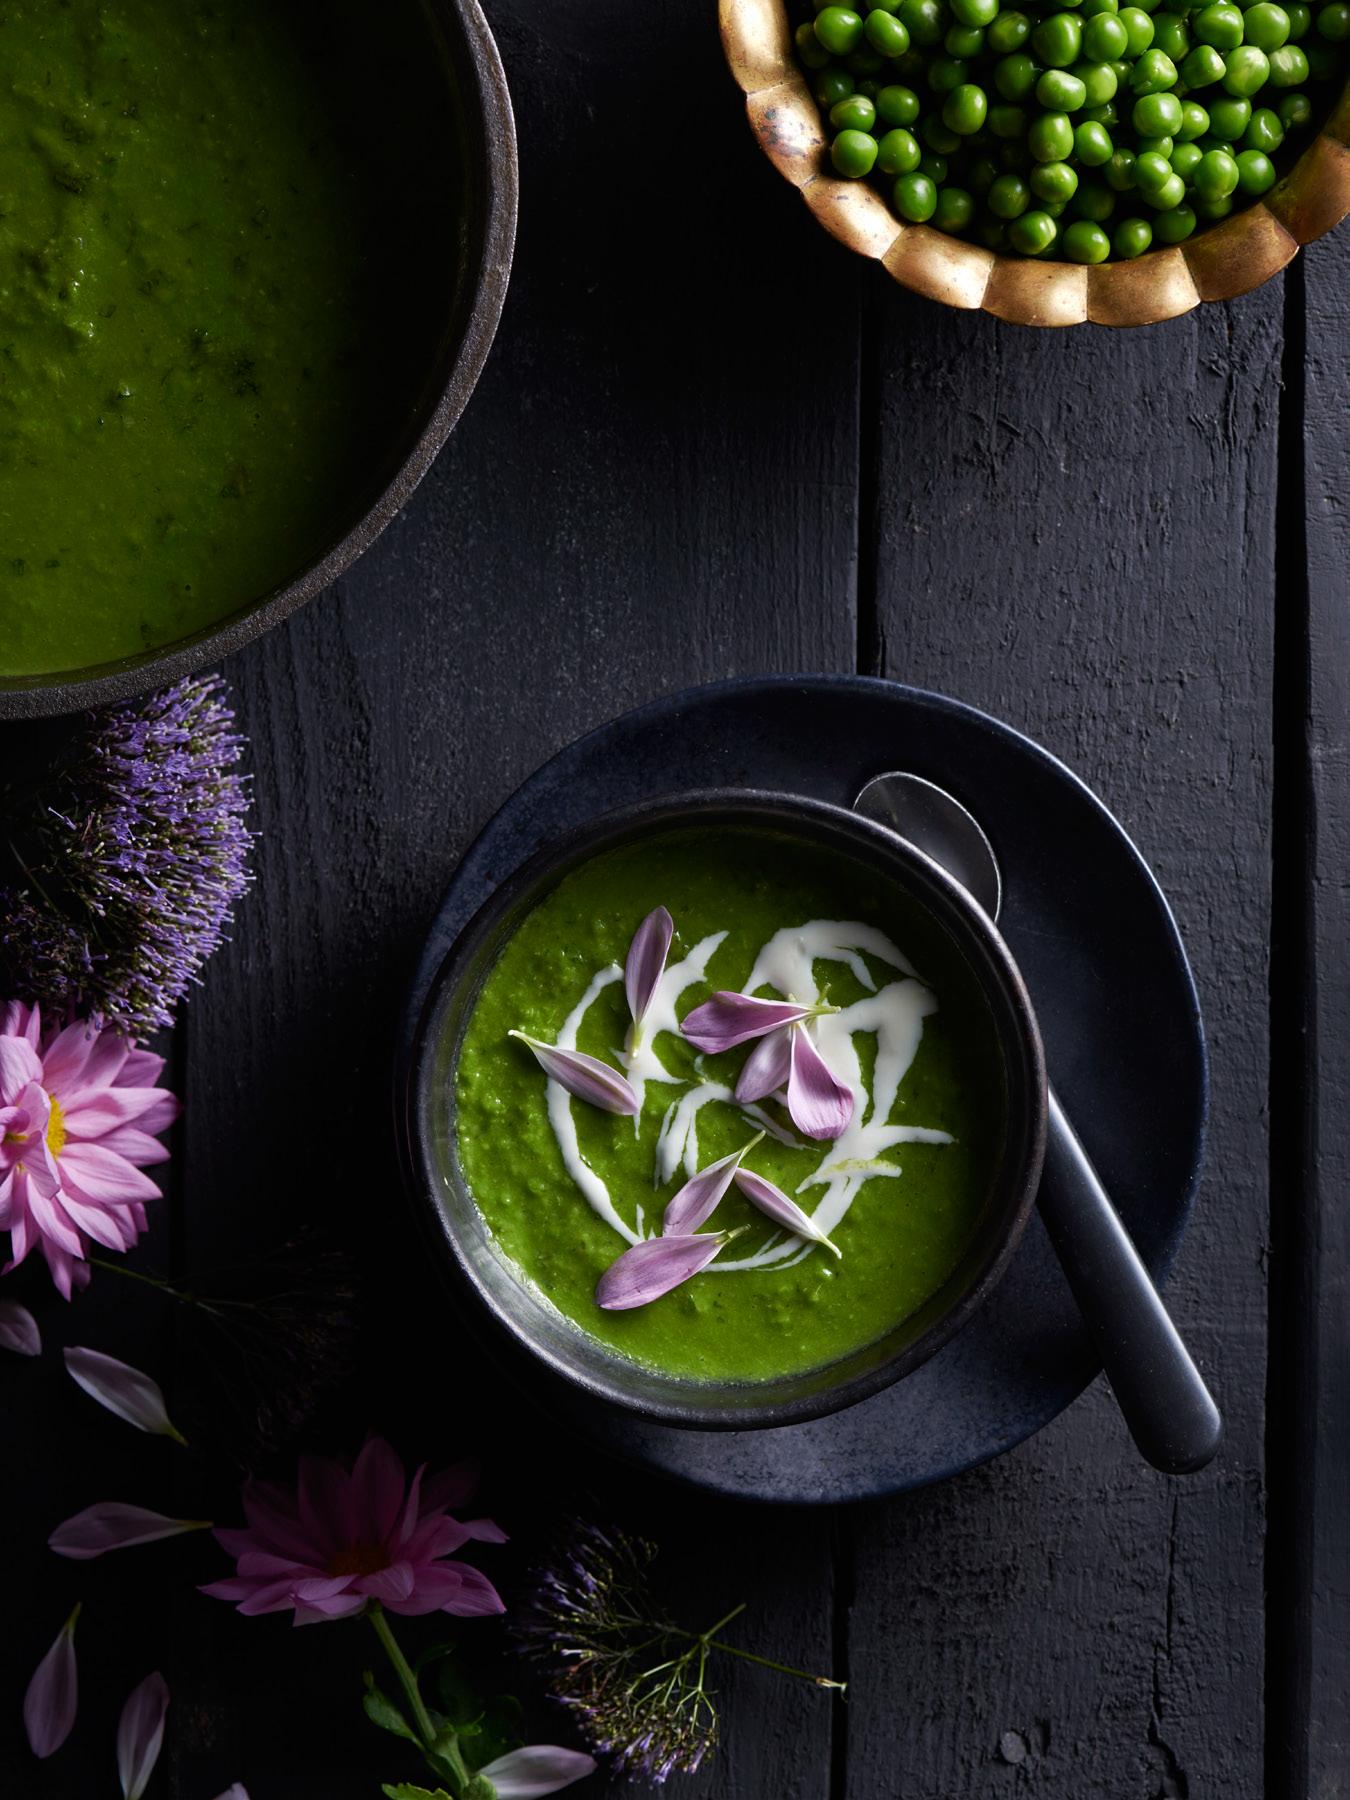 flower pea soup